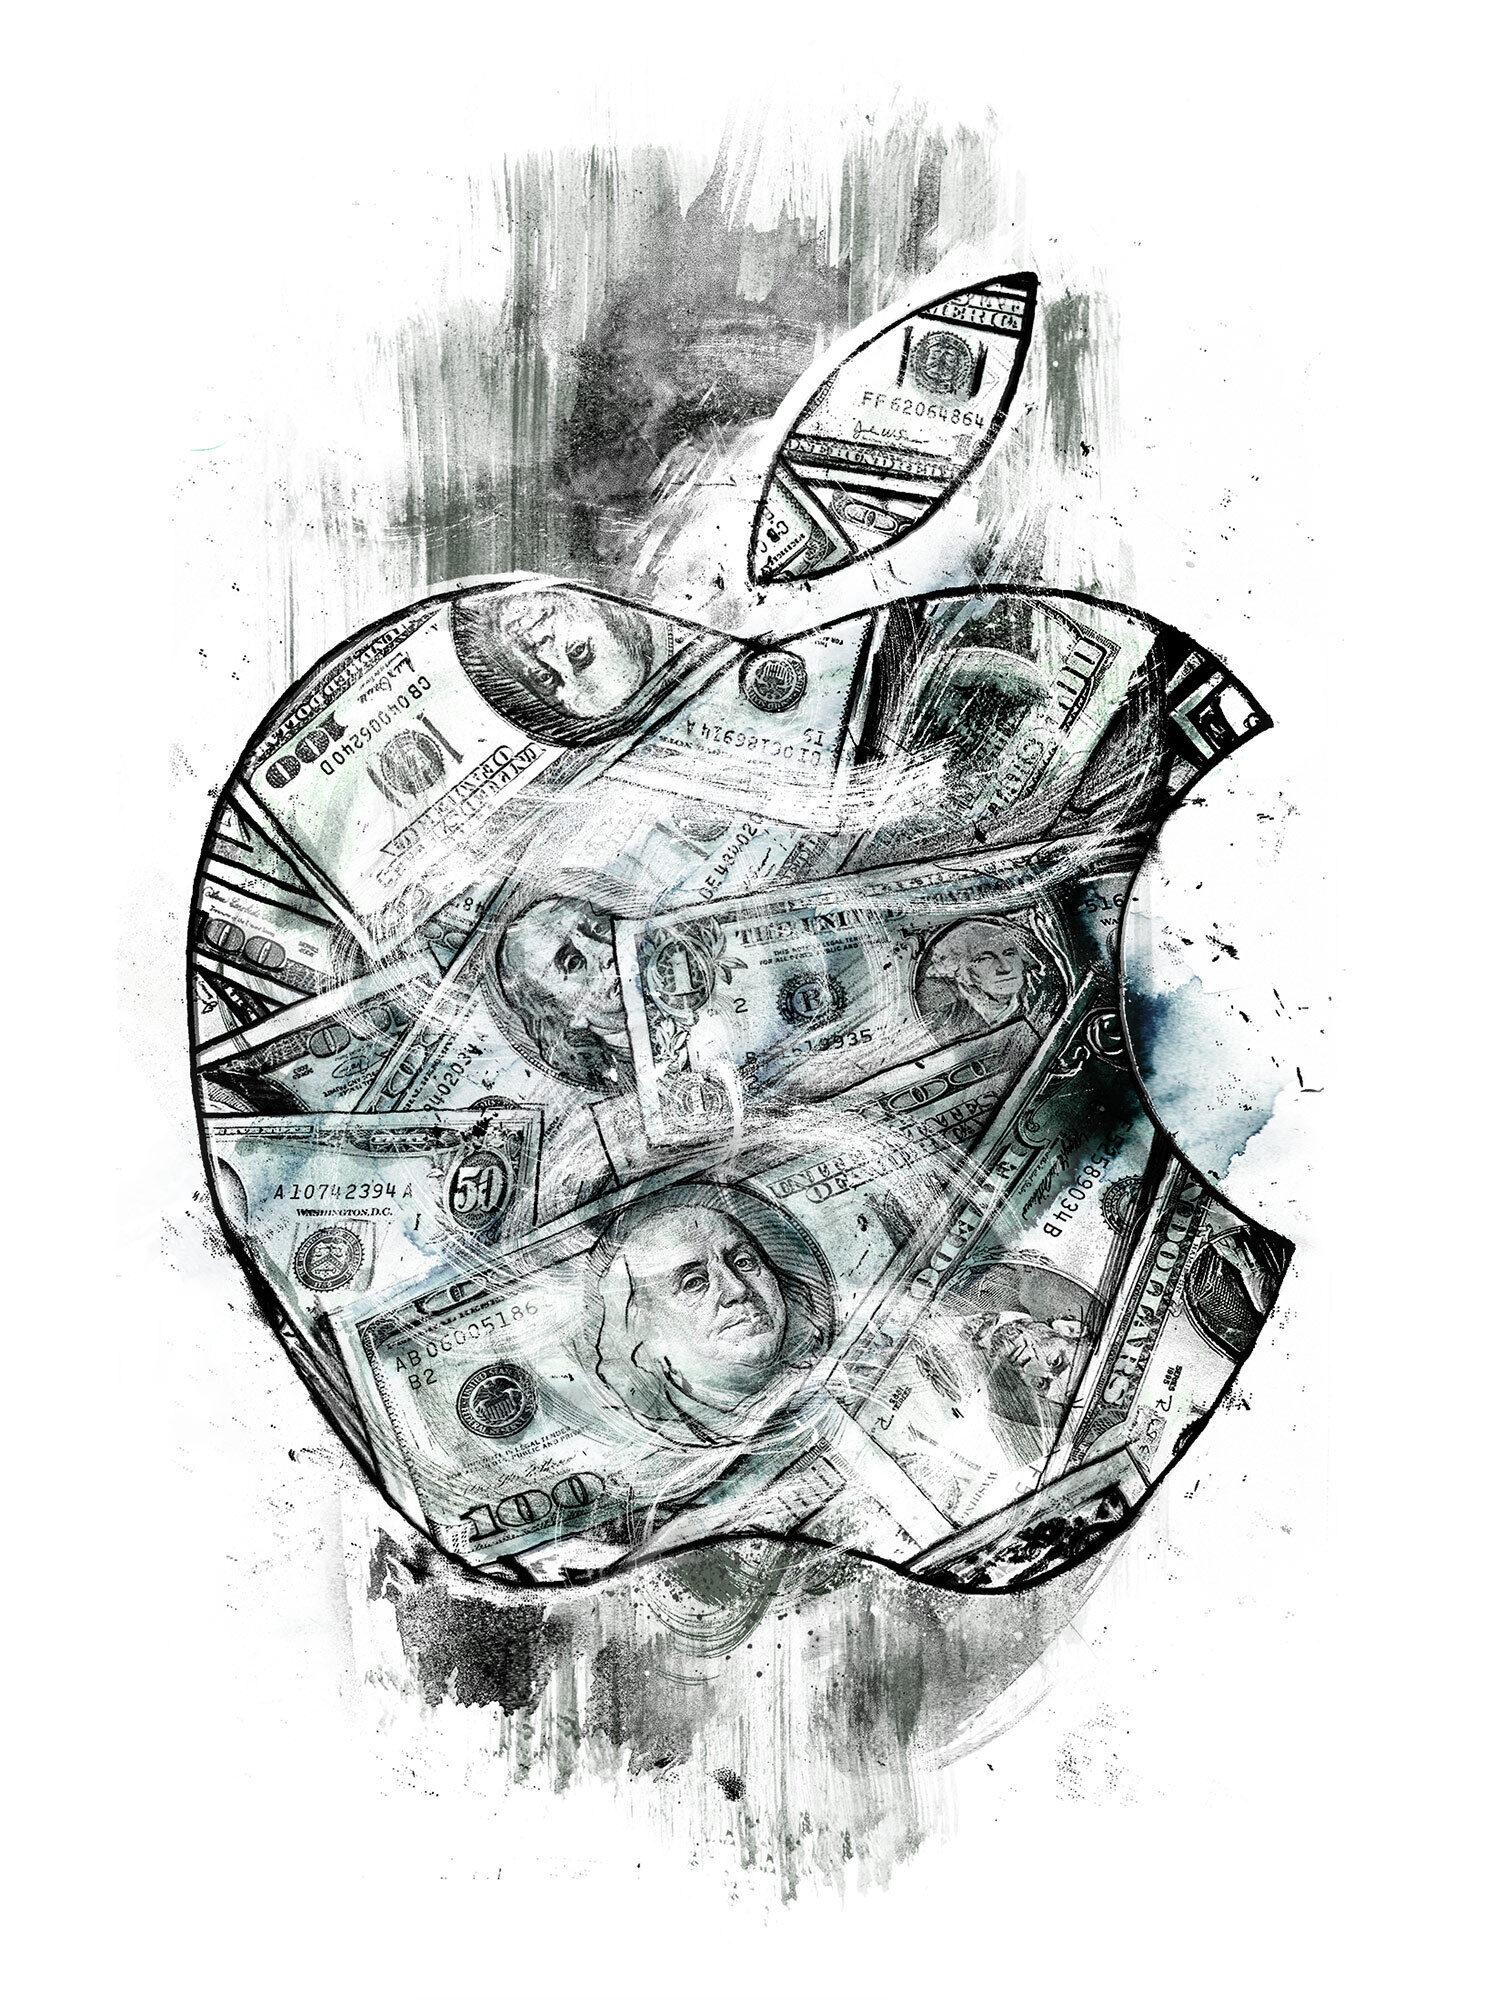 Apple dollar money illustration - Kornel Illustration | Kornel Stadler portfolio